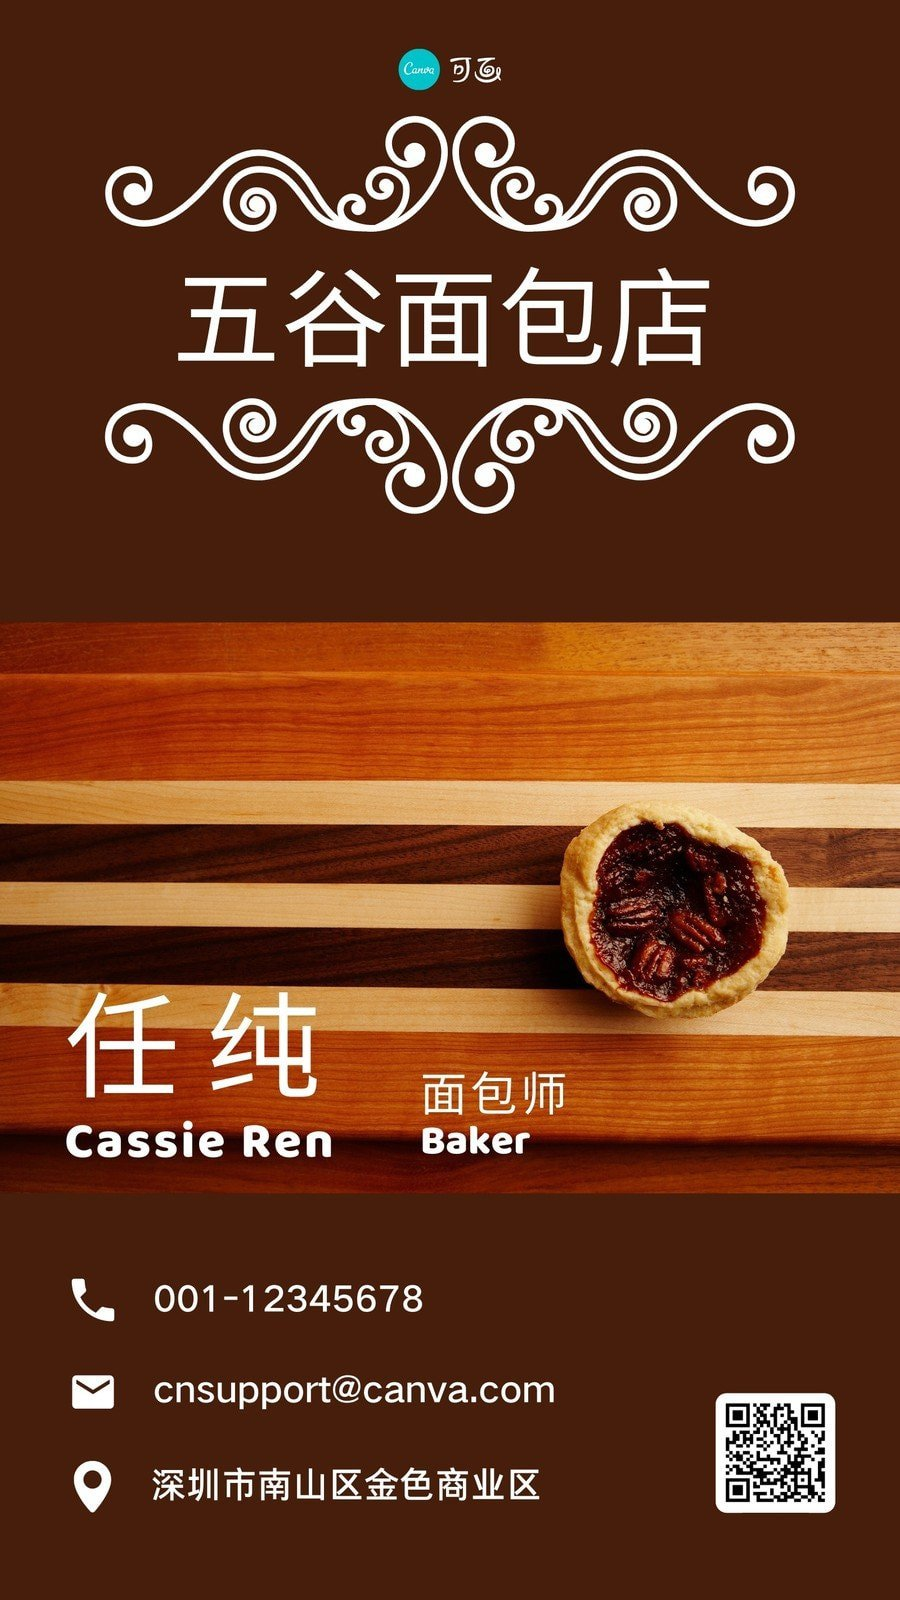 黄褐色条纹照片企业介绍中文电子名片